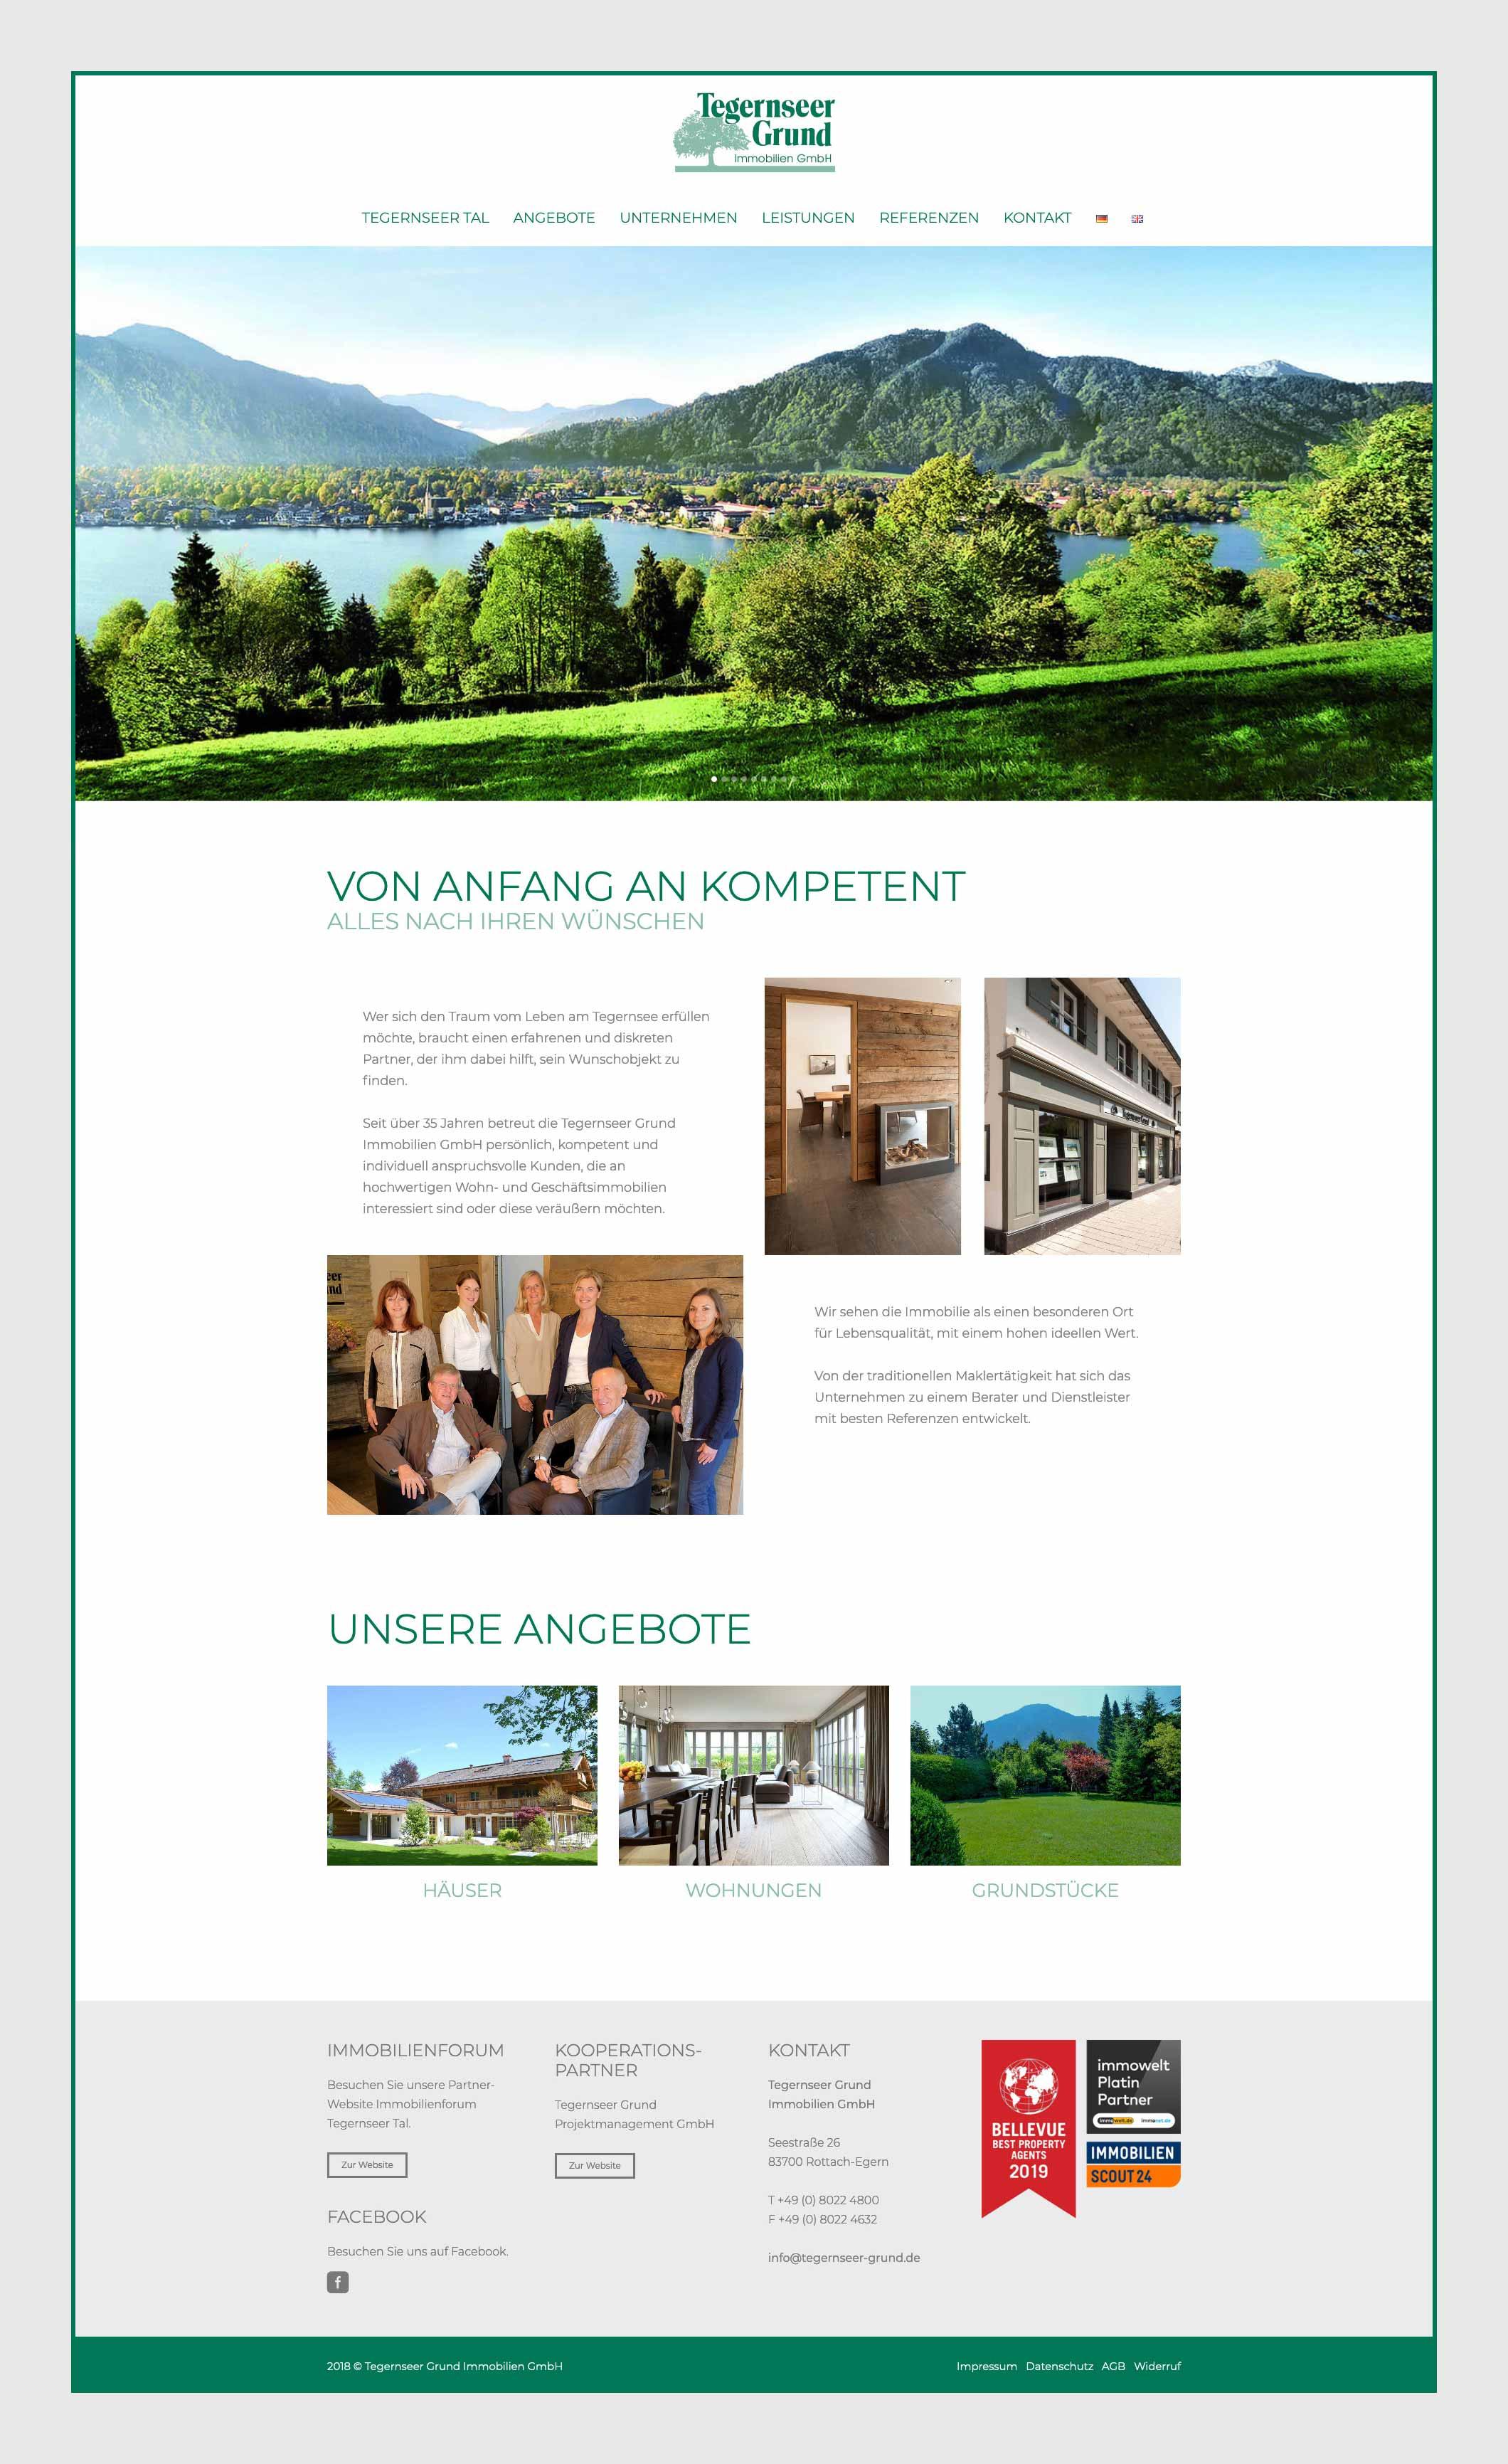 Tegernseer Grund Immobilien GmbH